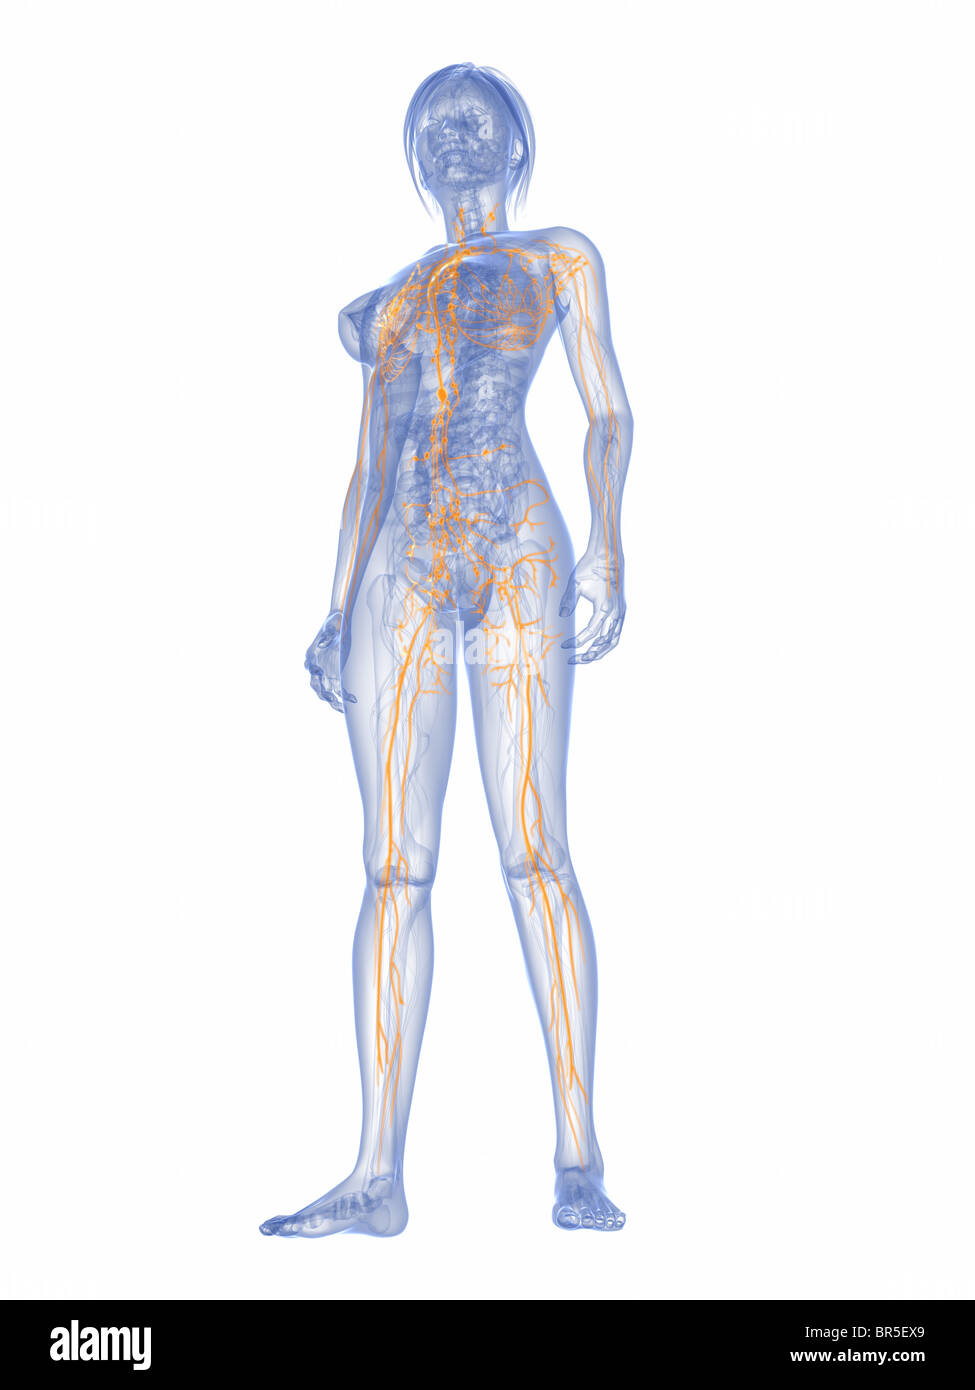 Fantastisch Weiblich Lymphsystem Ideen - Menschliche Anatomie Bilder ...